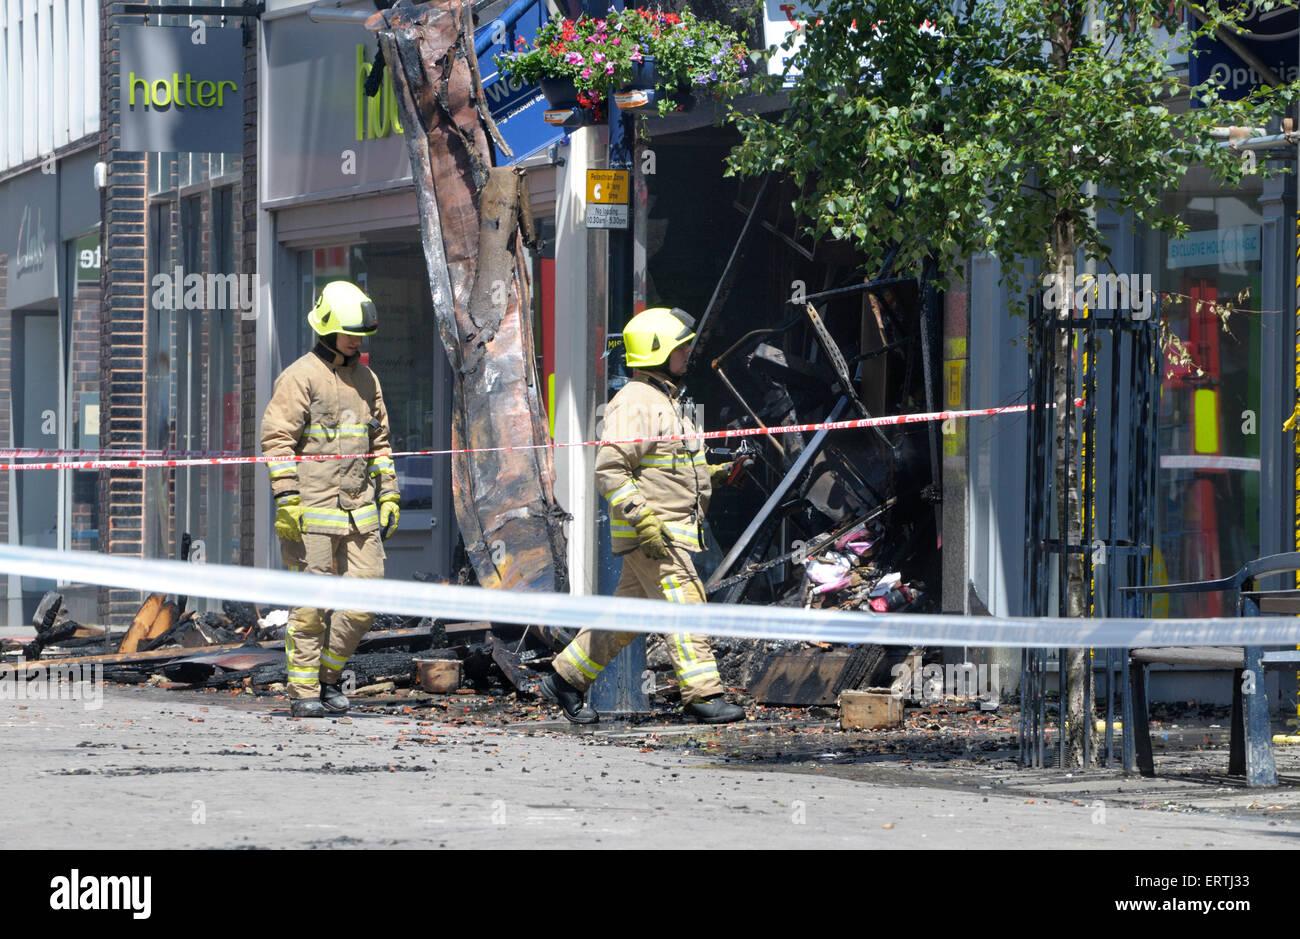 Maistone, Kent, UK. 8 juin, 2015. 22 ans homme Maidstone est arrêté après un incendie à la librairie Photo Stock